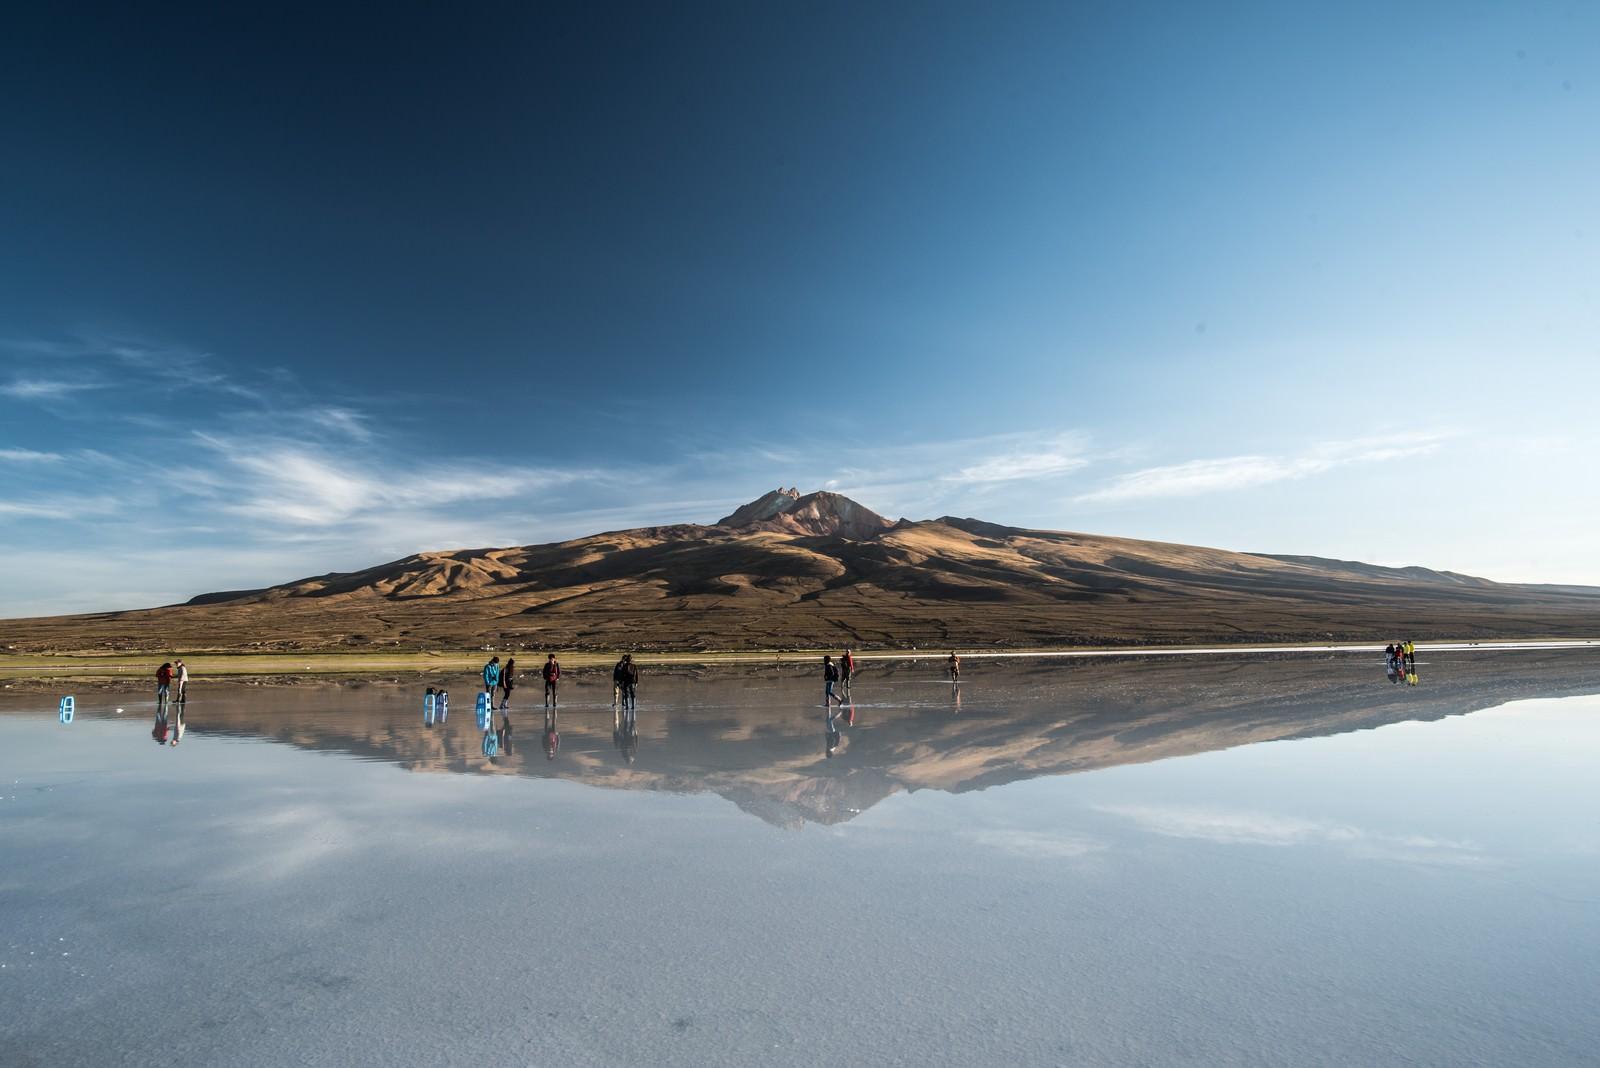 「ウユニ塩湖に訪れた観光客と鏡のように映り込む山」の写真